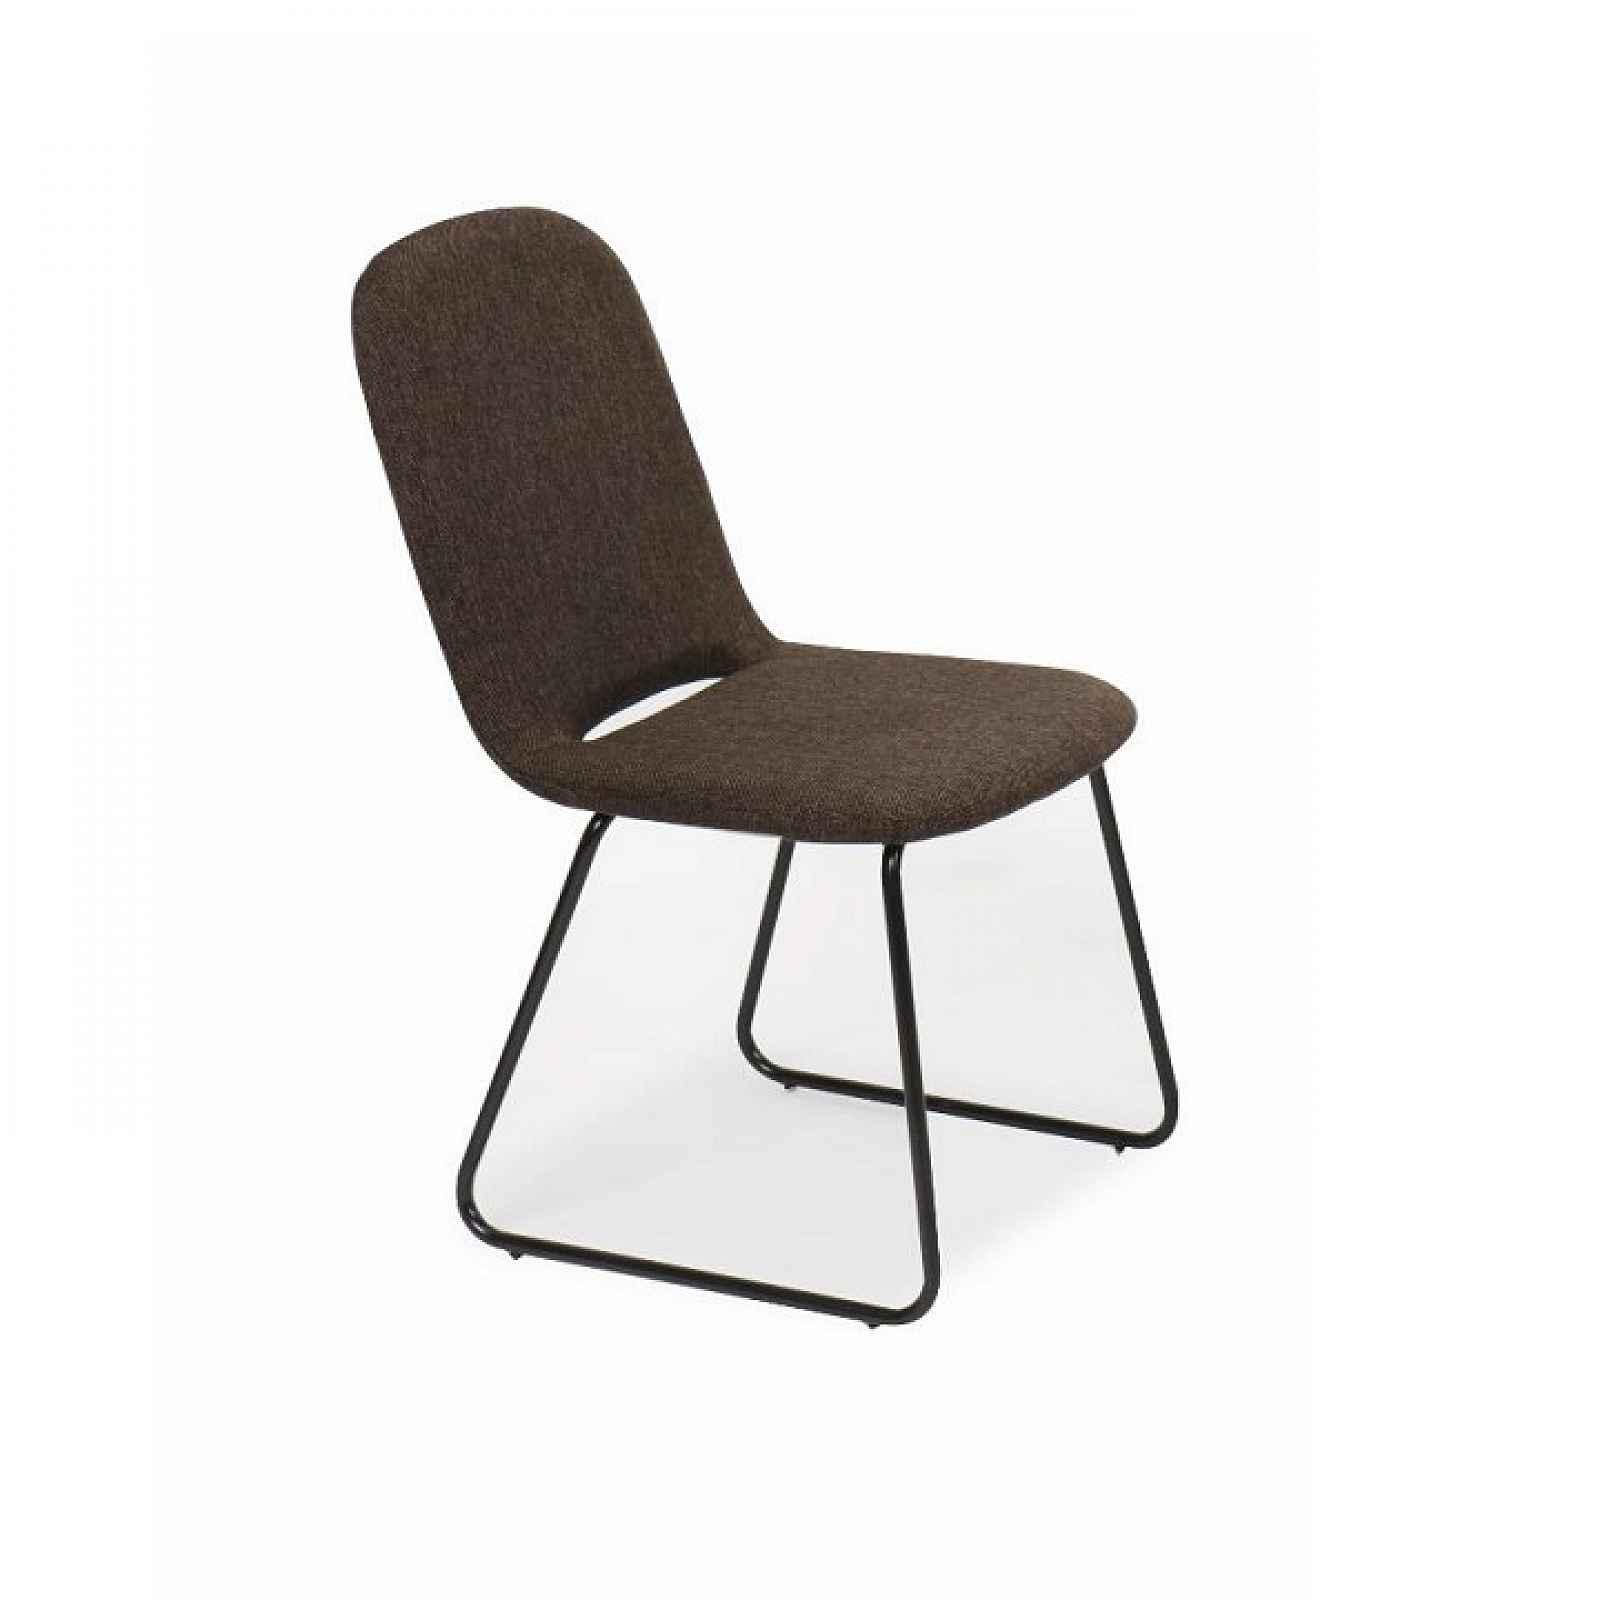 Jídelní židle, hnědá / černá, látka / kov, ADLAN 0000191493 Tempo Kondela